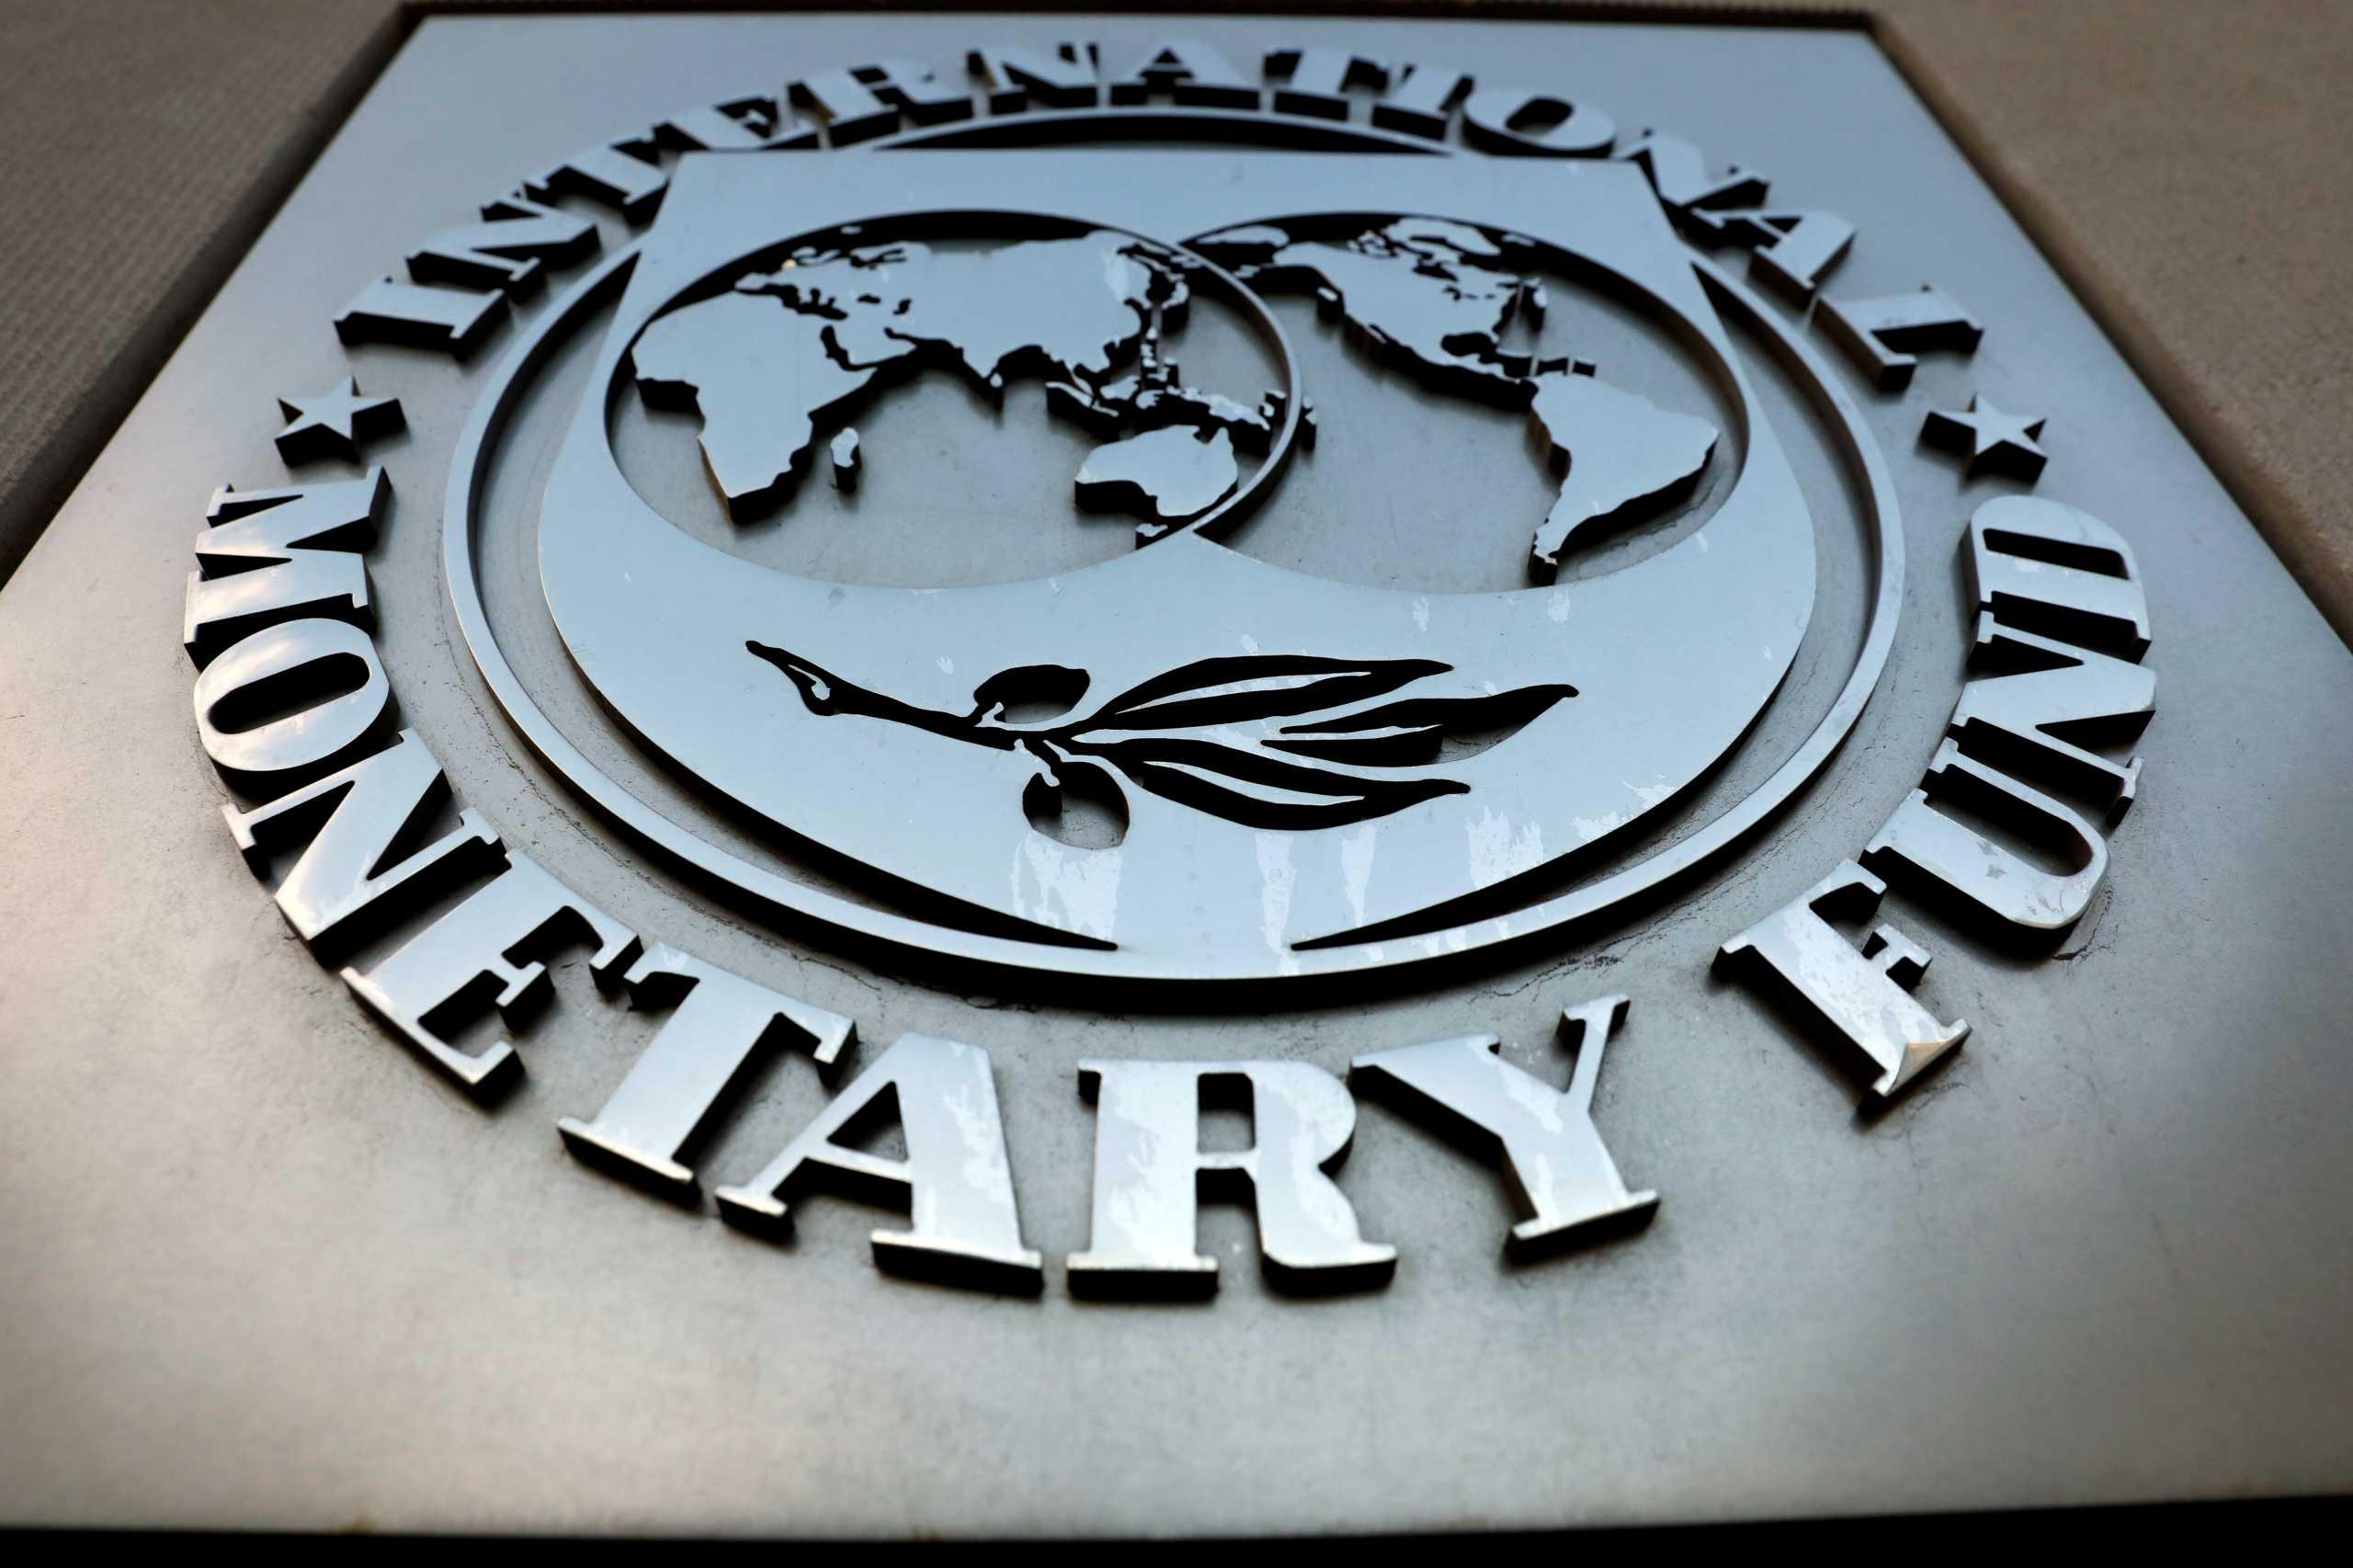 Ρυθμό ανάπτυξης 3,8% βλέπει το ΔΝΤ – Θετική έκπληξη η πρόβλεψη για την ανεργία